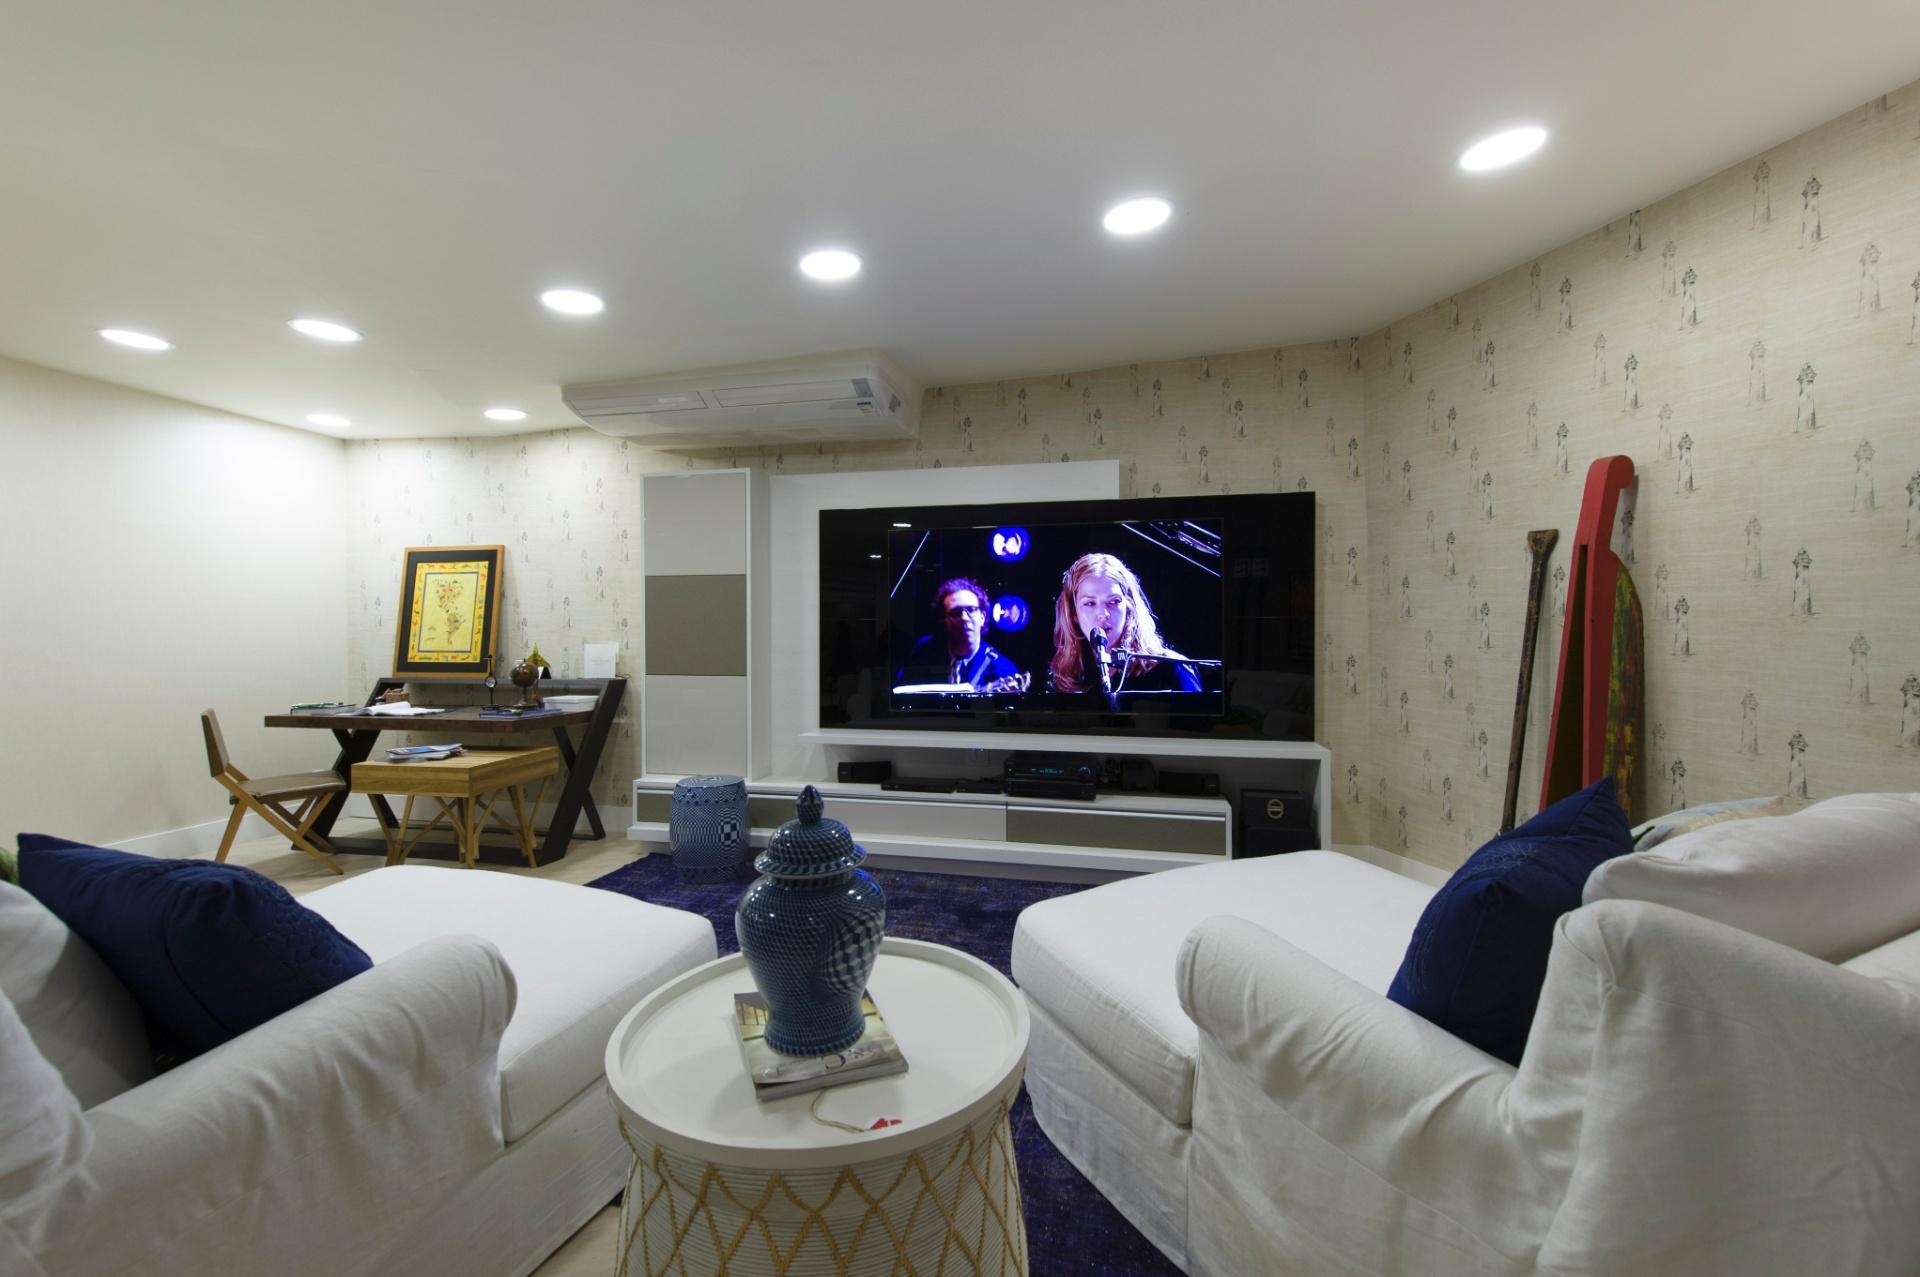 No Chalé do Velejador, assinado por Selma Tammaro, o living tem decoração em cores neutras. O papel de parede tem estampa com referência à vida dos velejadores e ao cenário beira-mar. A 27ª Casa Cor SP segue até dia 21 de julho de 2013, no Jockey Club de São Paulo